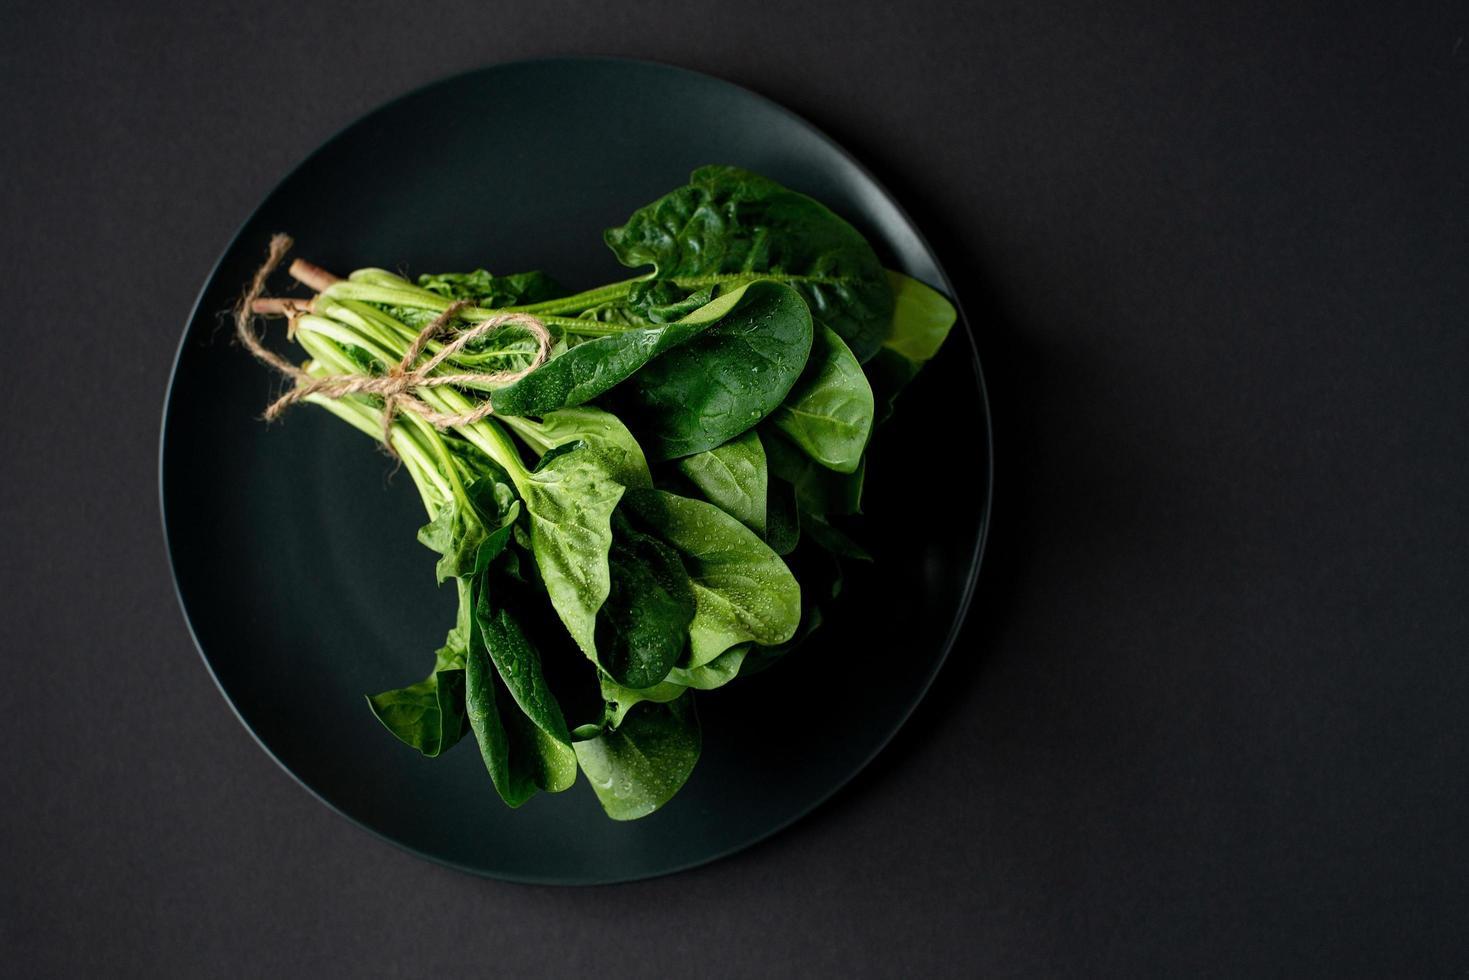 concepto de comida limpia. Manojo de hojas de espinacas orgánicas frescas en un plato sobre un fondo negro. Dieta saludable detox primavera-verano. comida cruda vegana. copie el espacio. foto